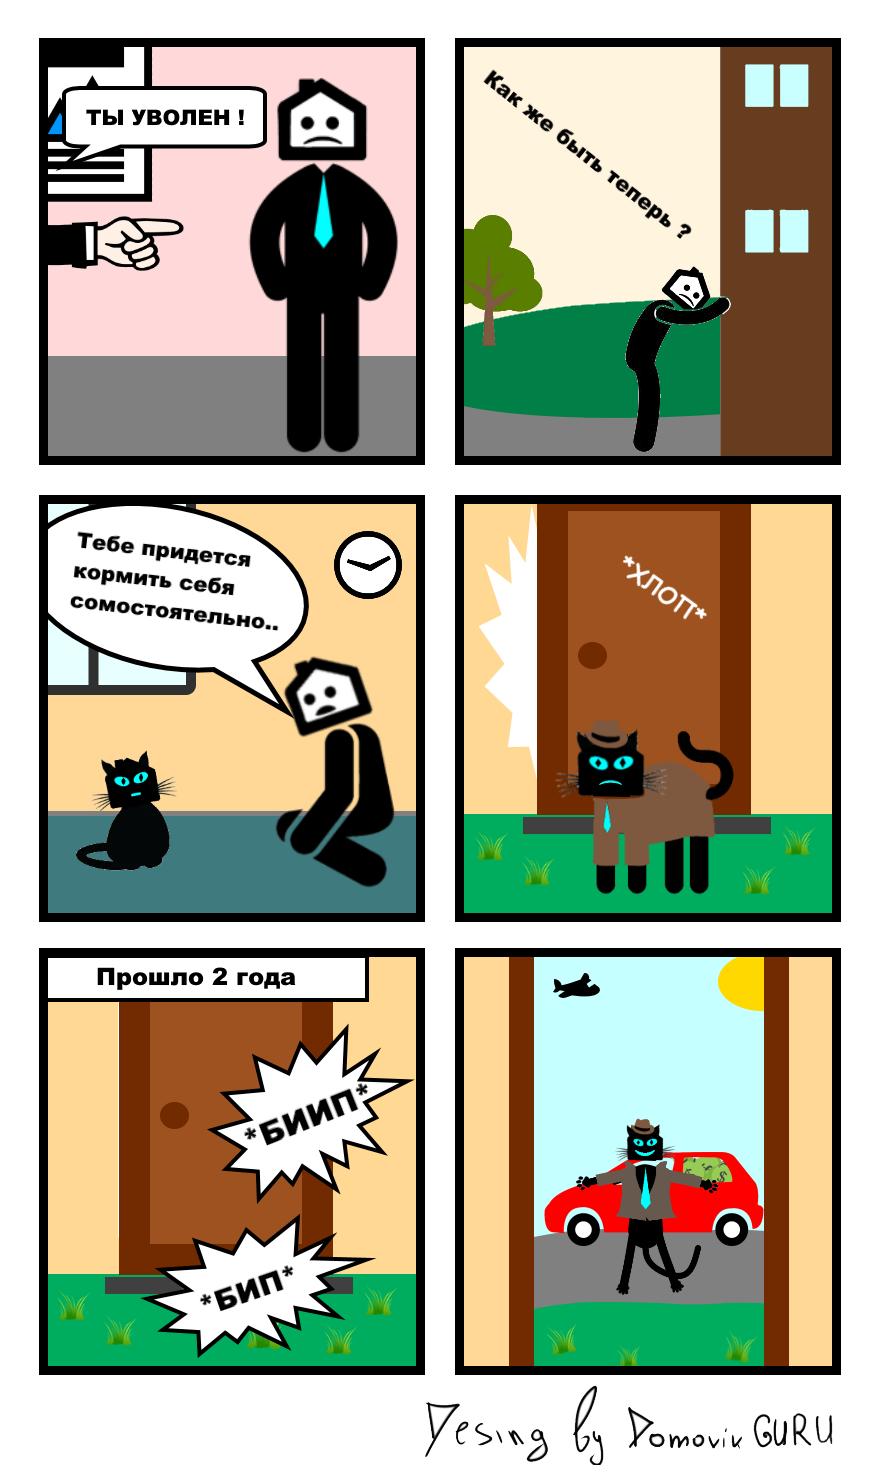 История одного кота - комиксы про недвижимость